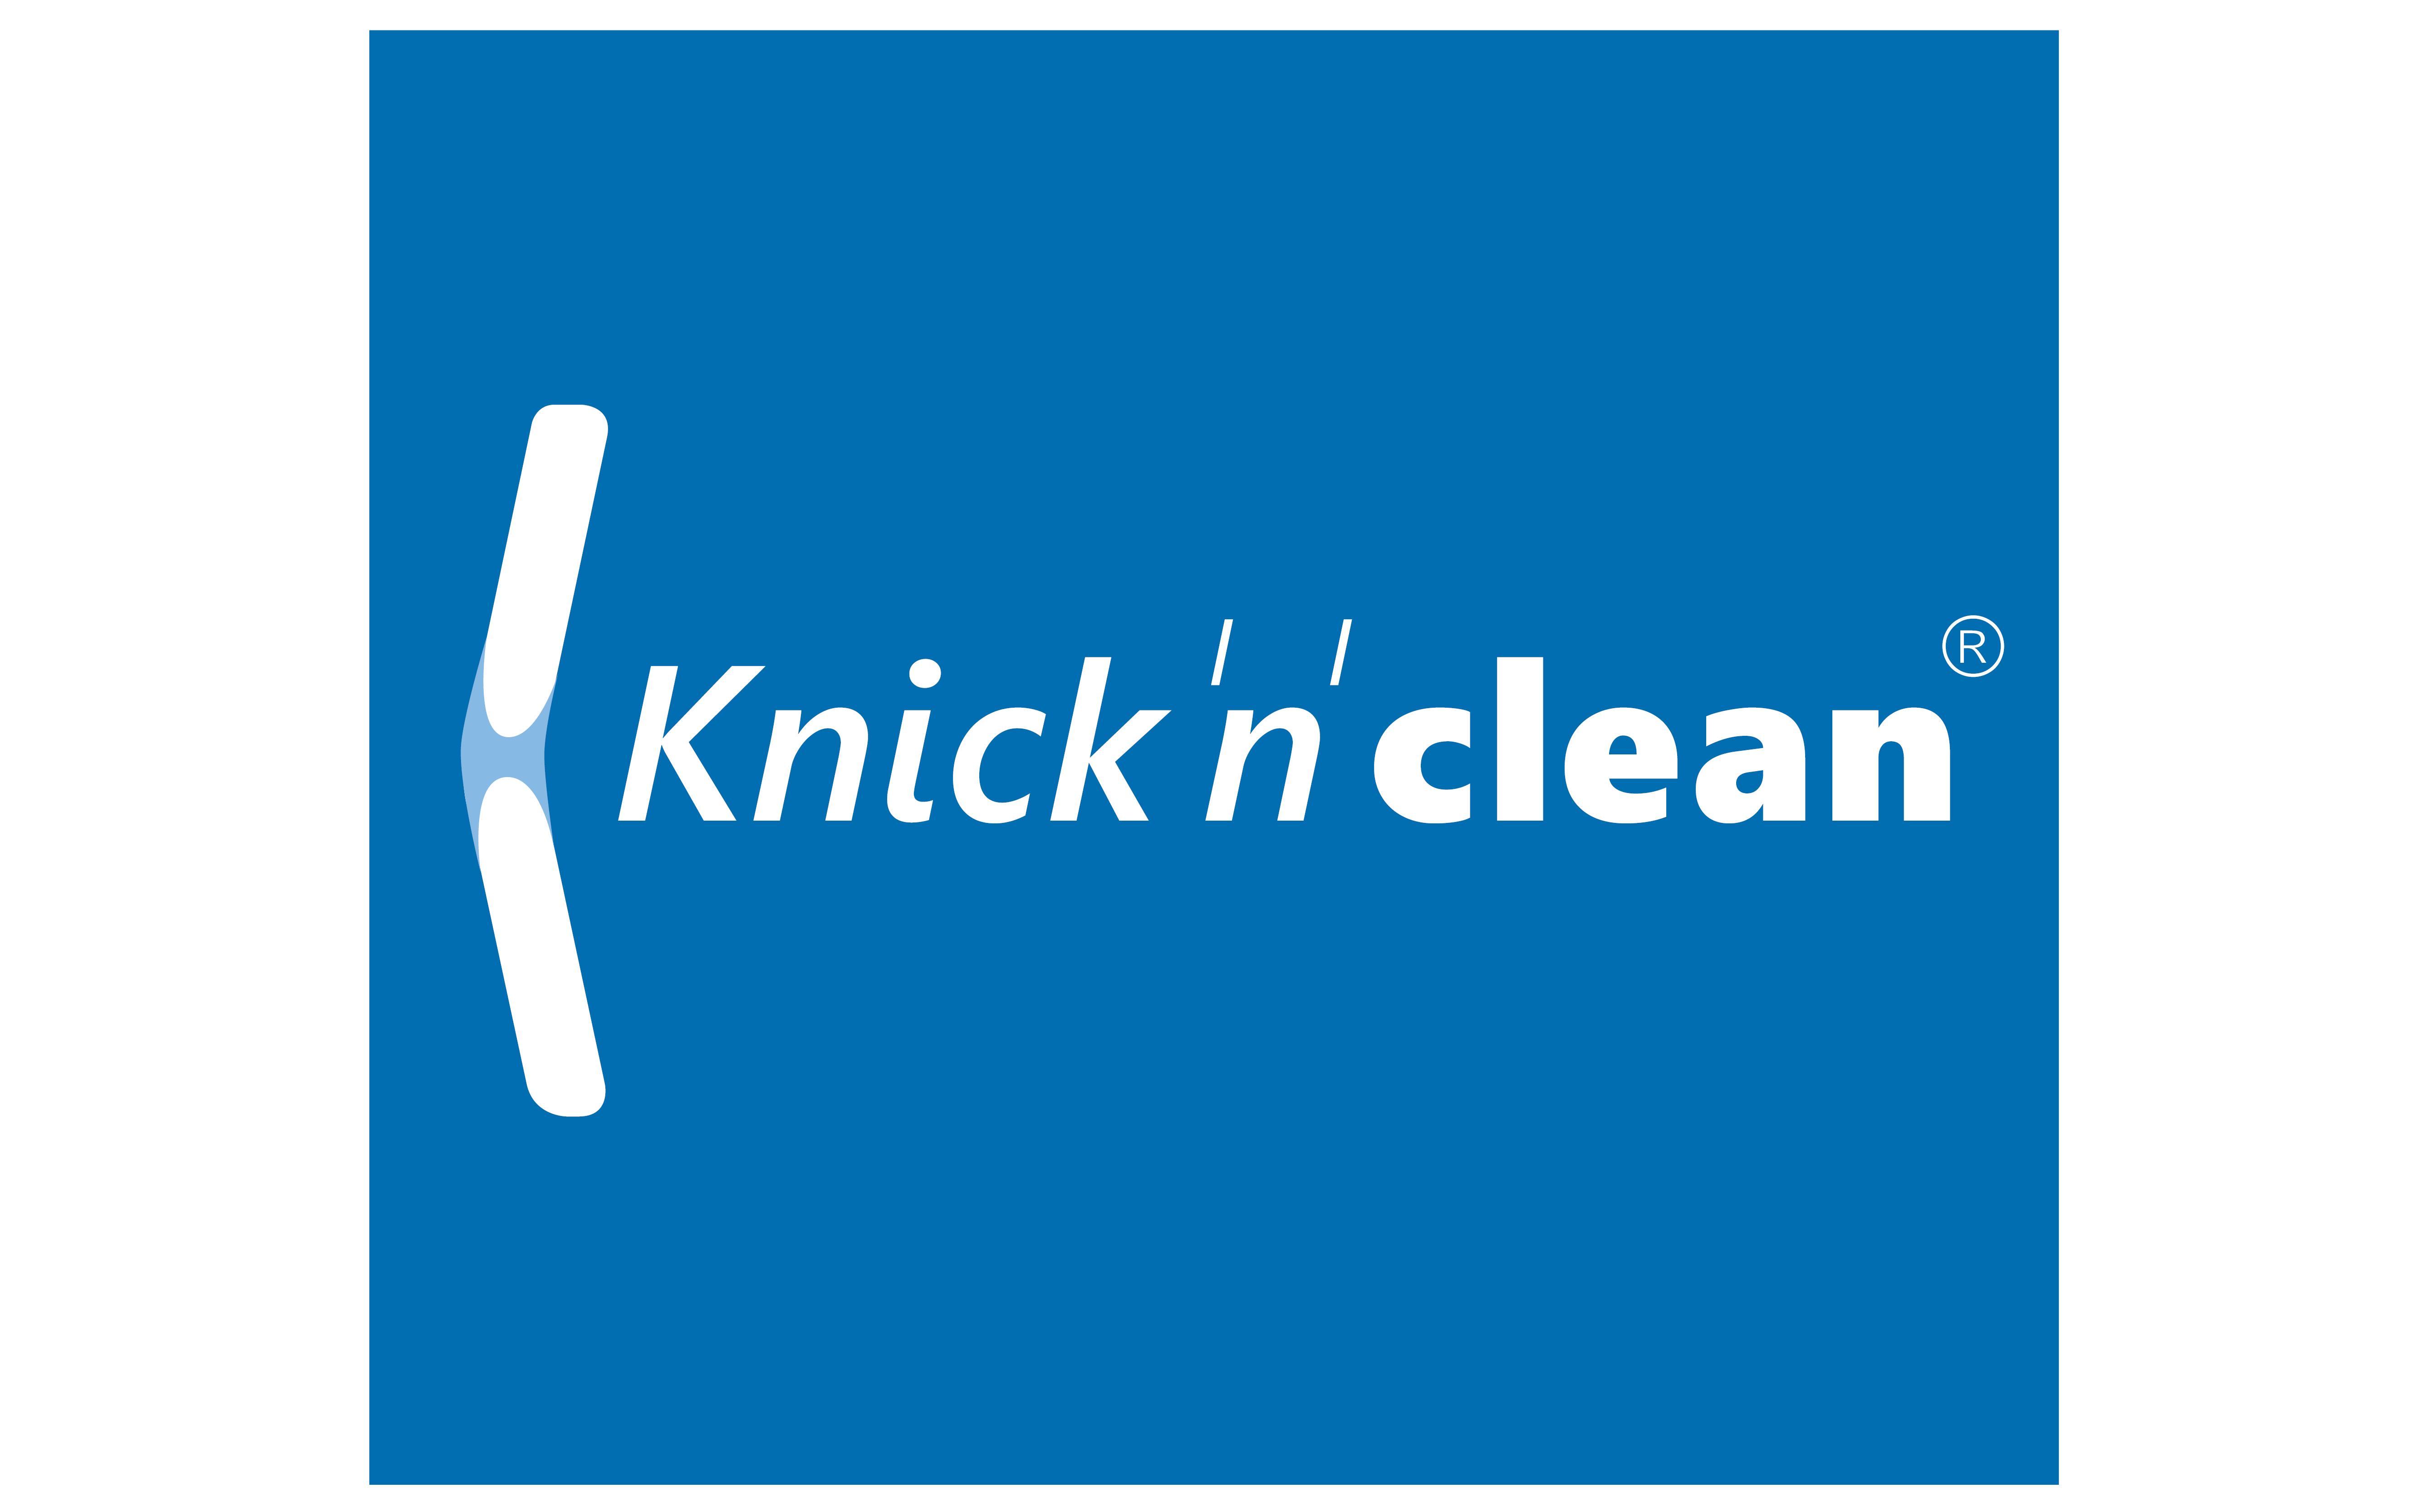 Knick'n'clean®